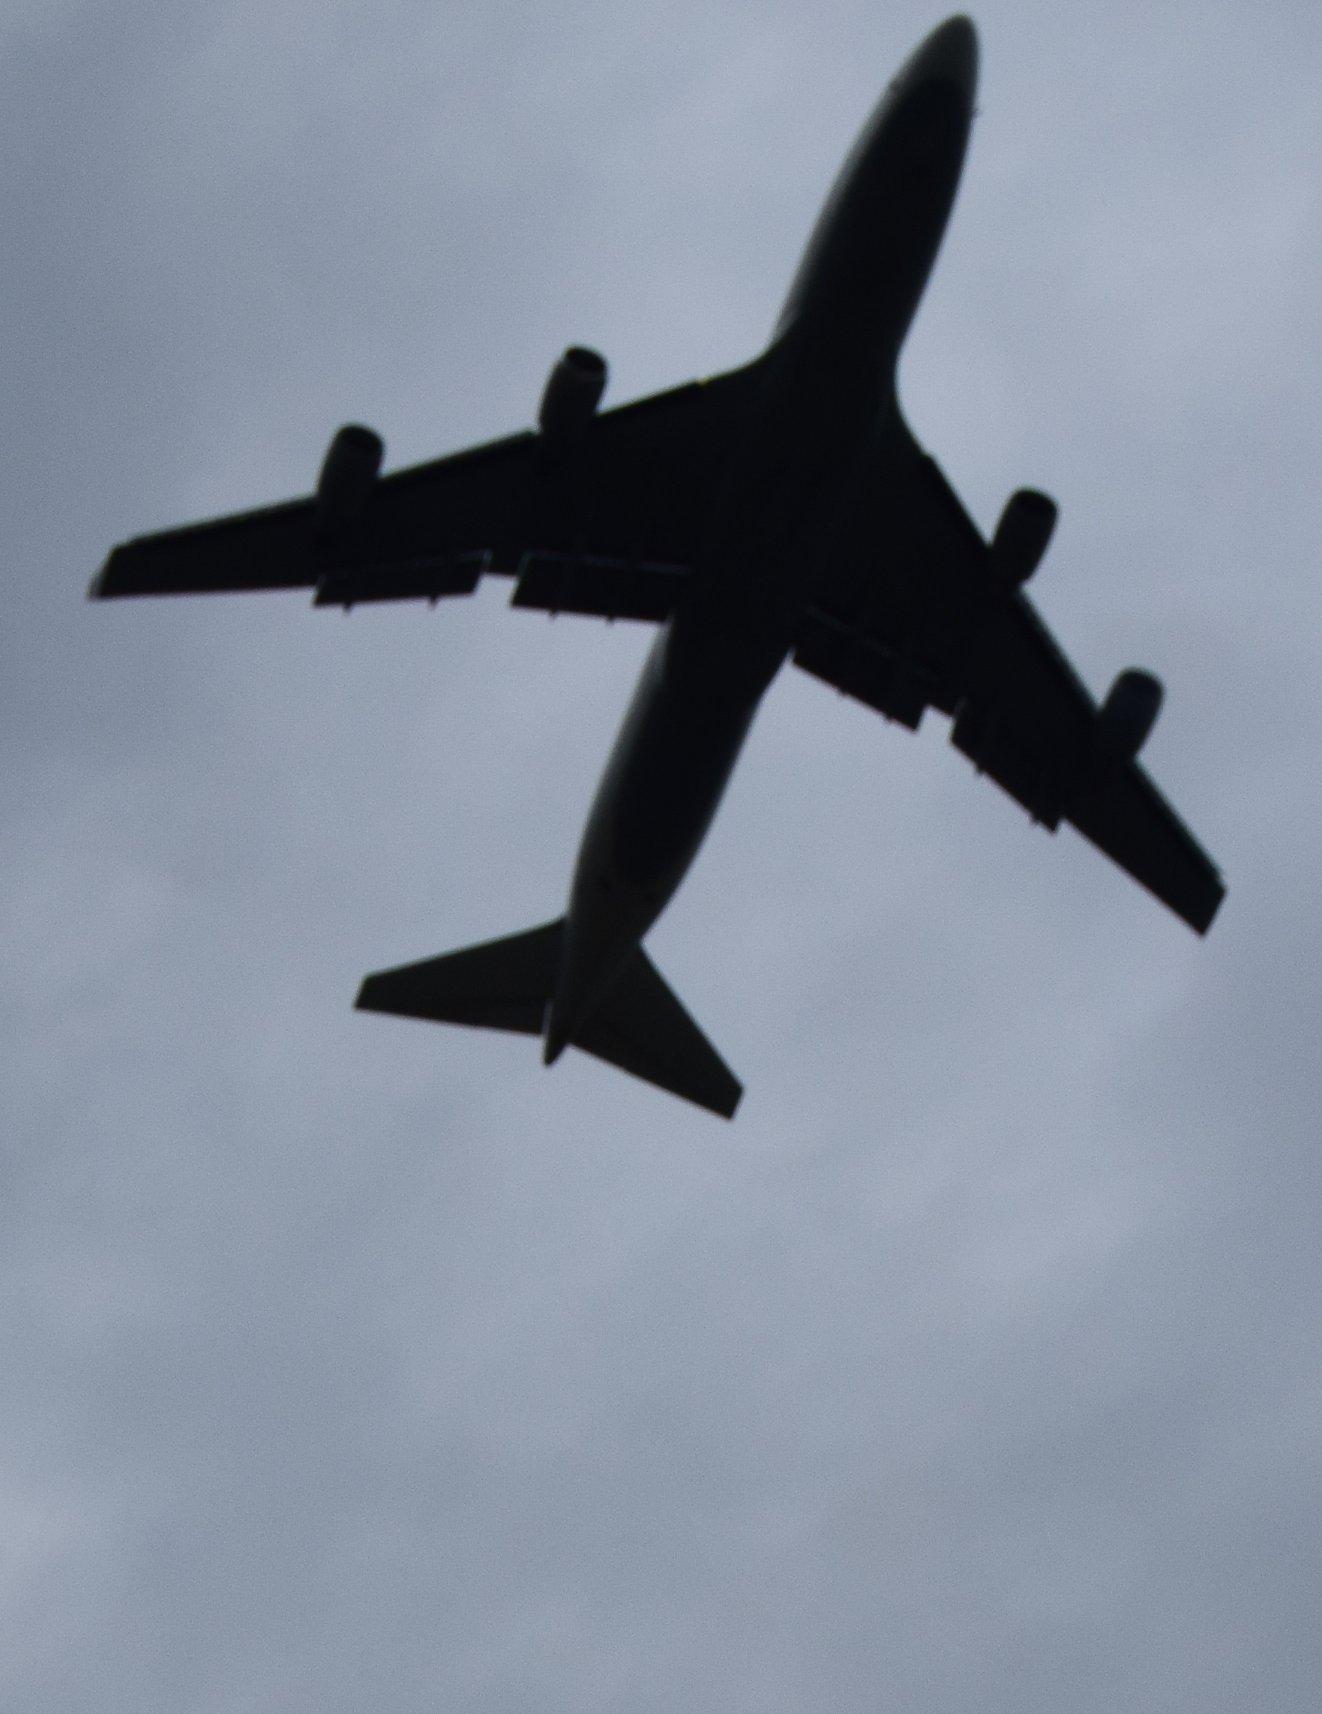 05-17 ich seh' ihr noch lange nach. Seh' sie die Wolken erklimmen, bis die Lichter nach und nach ganz im Regengrau verschwimmen